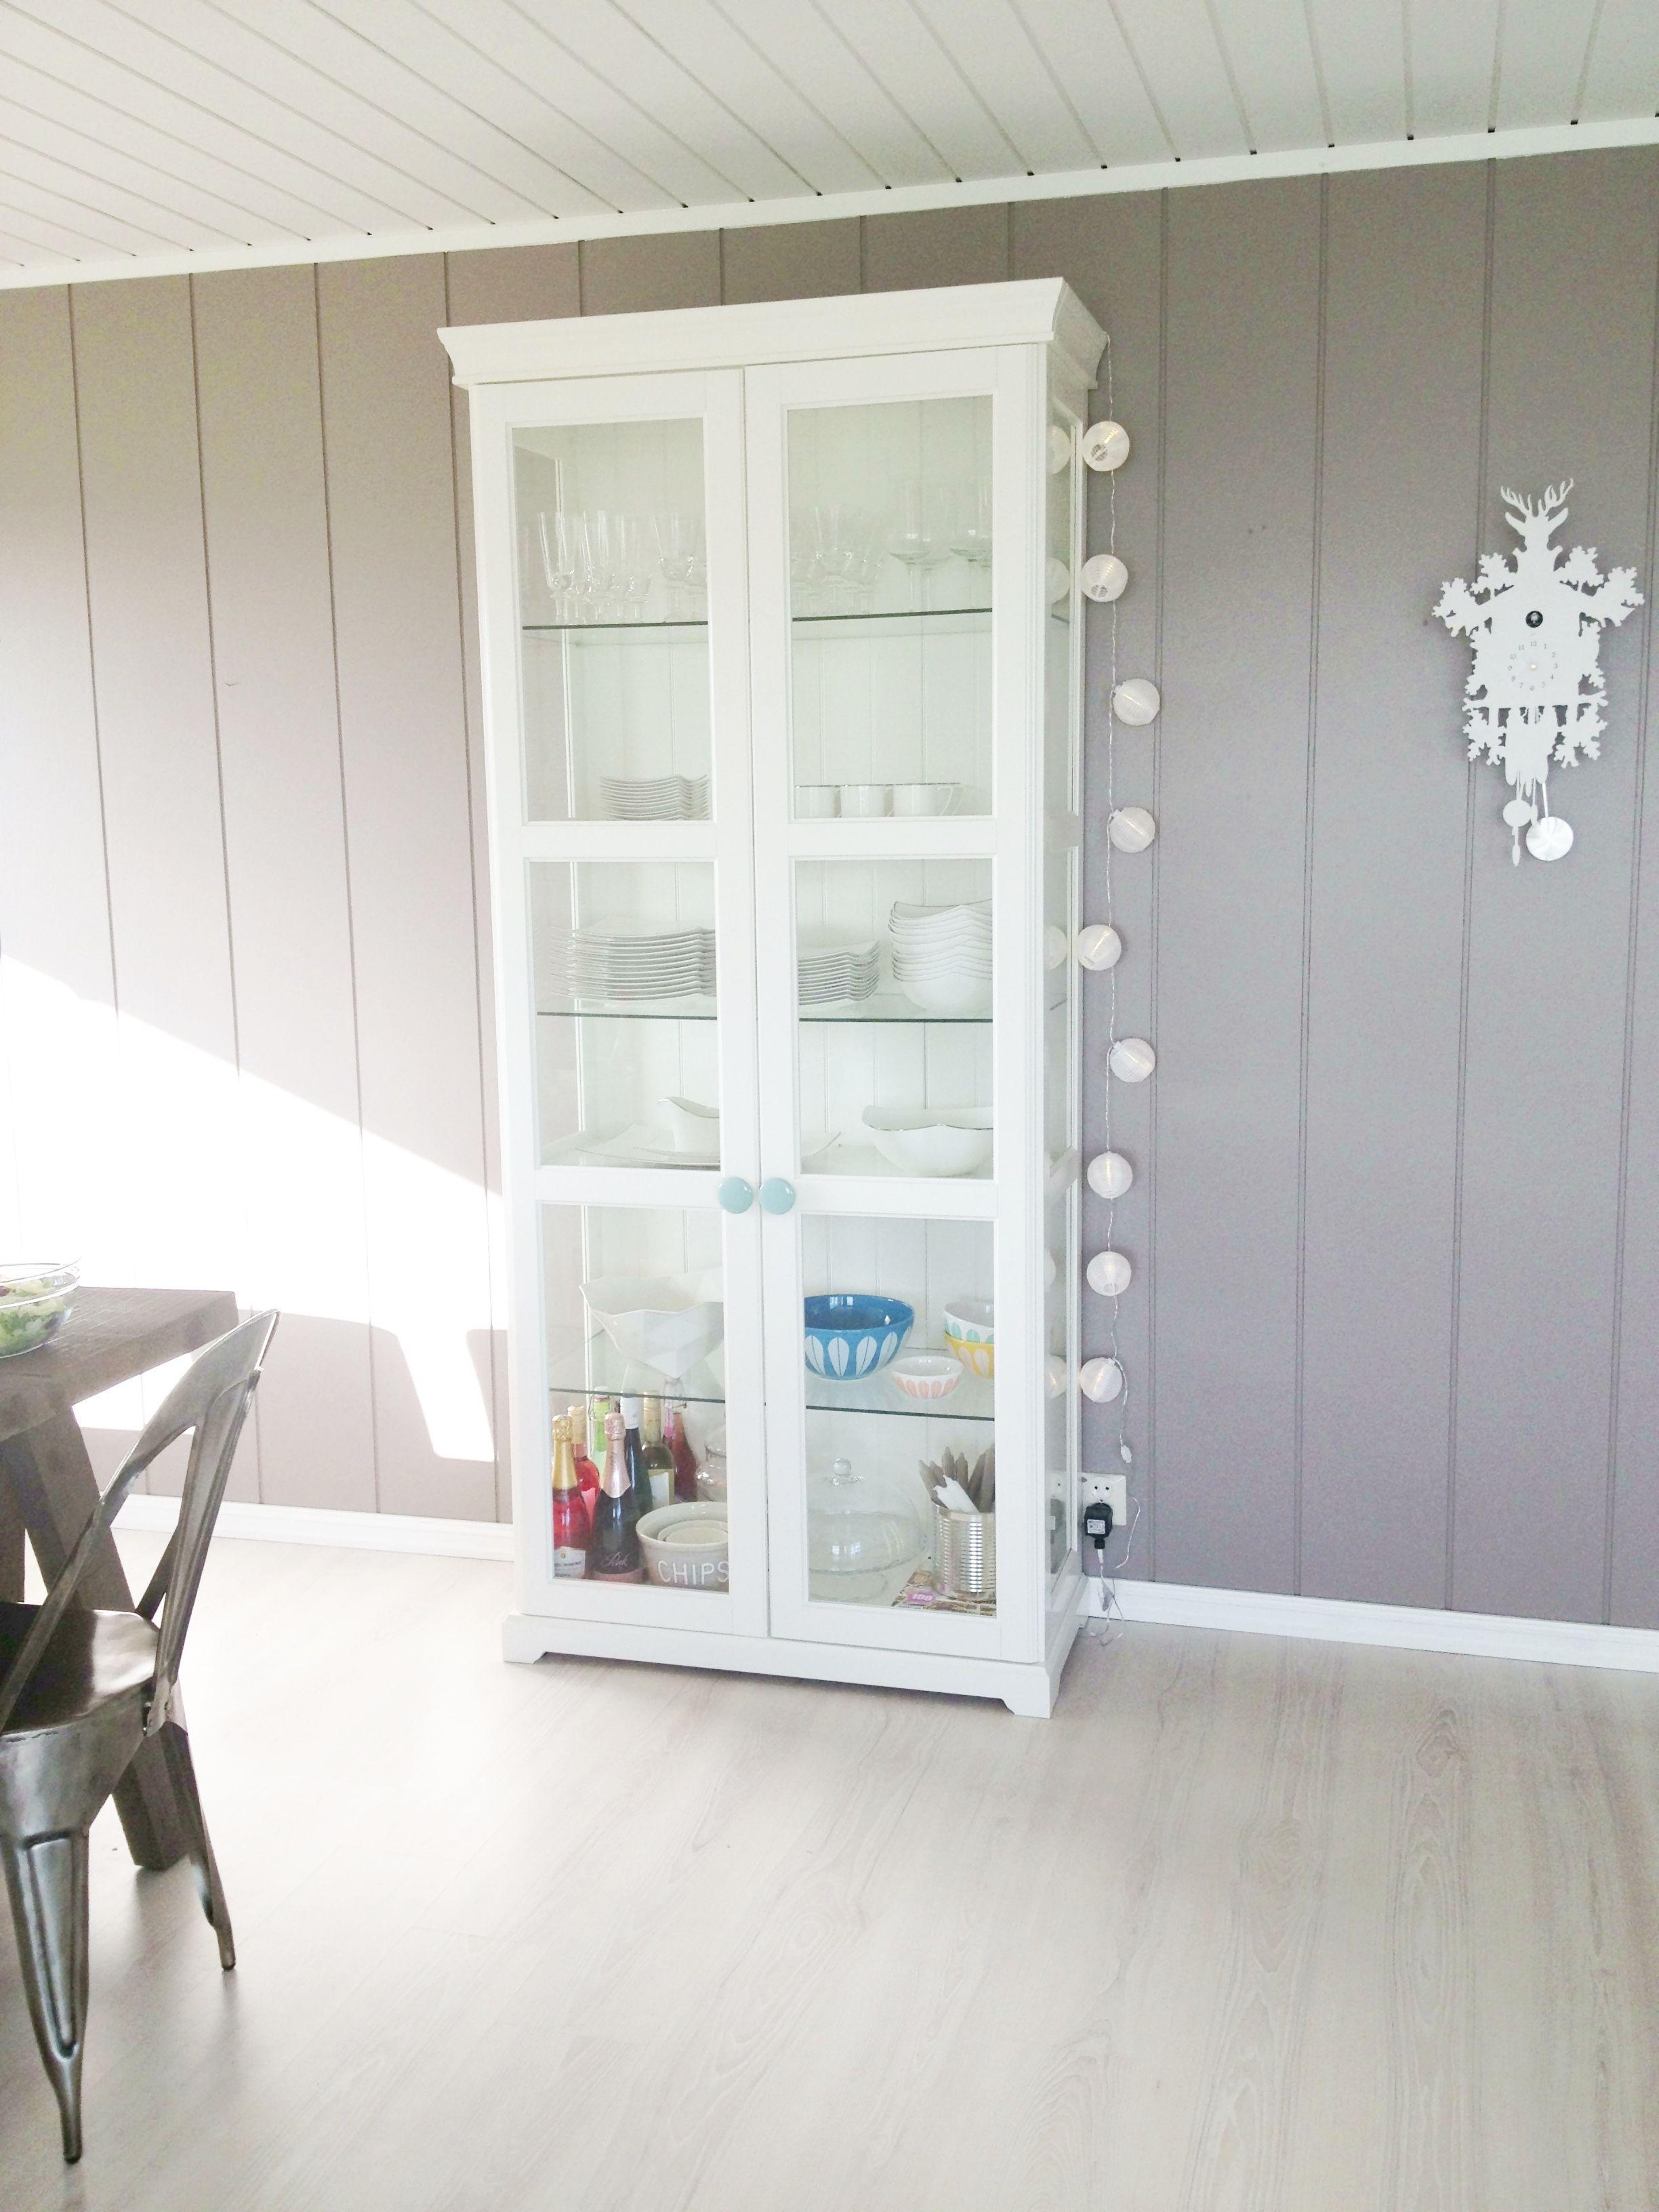 ehrf rchtige ikea holzplatten einzigartige ideen zum sichtschutz. Black Bedroom Furniture Sets. Home Design Ideas